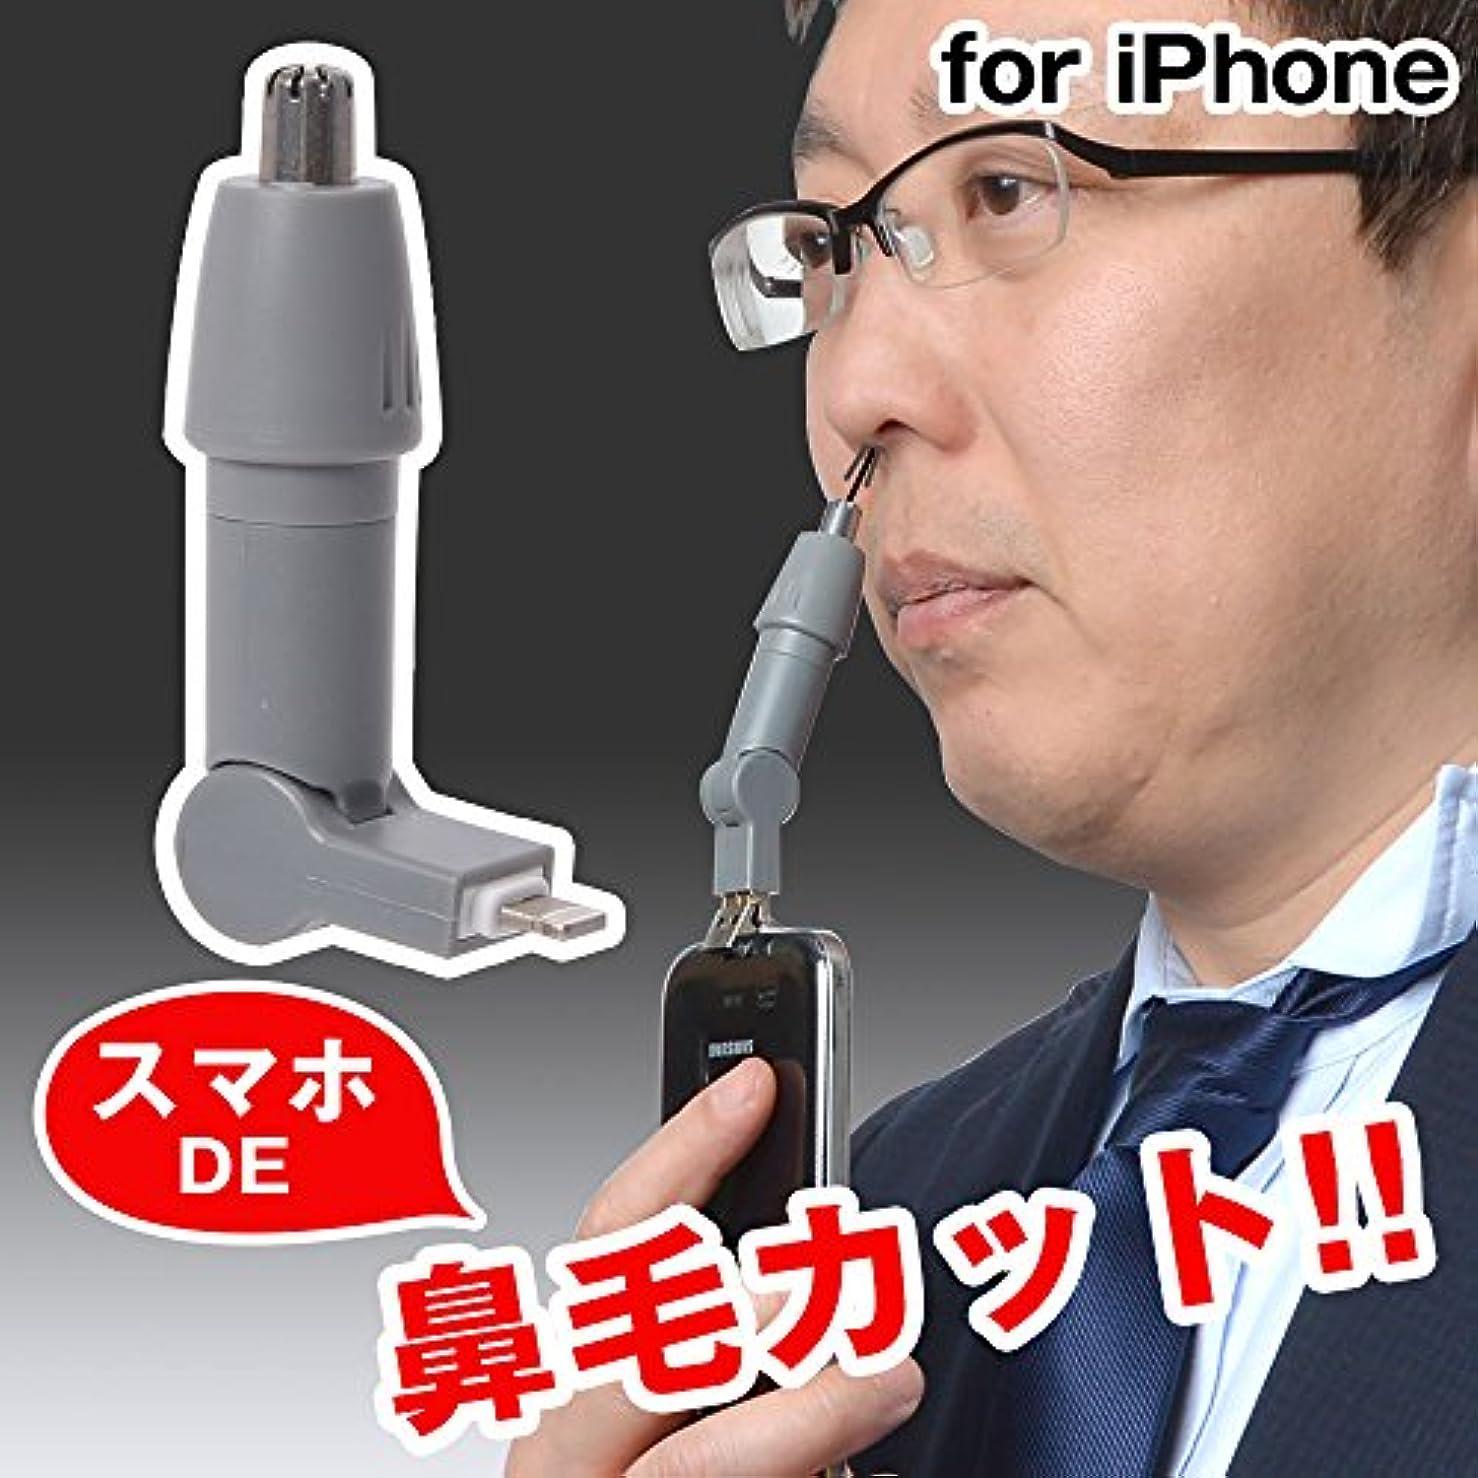 チューインガムでロック解除スマホde鼻毛カッター ※日本語マニュアル付き サンコーレアモノショップ (for iPhone)